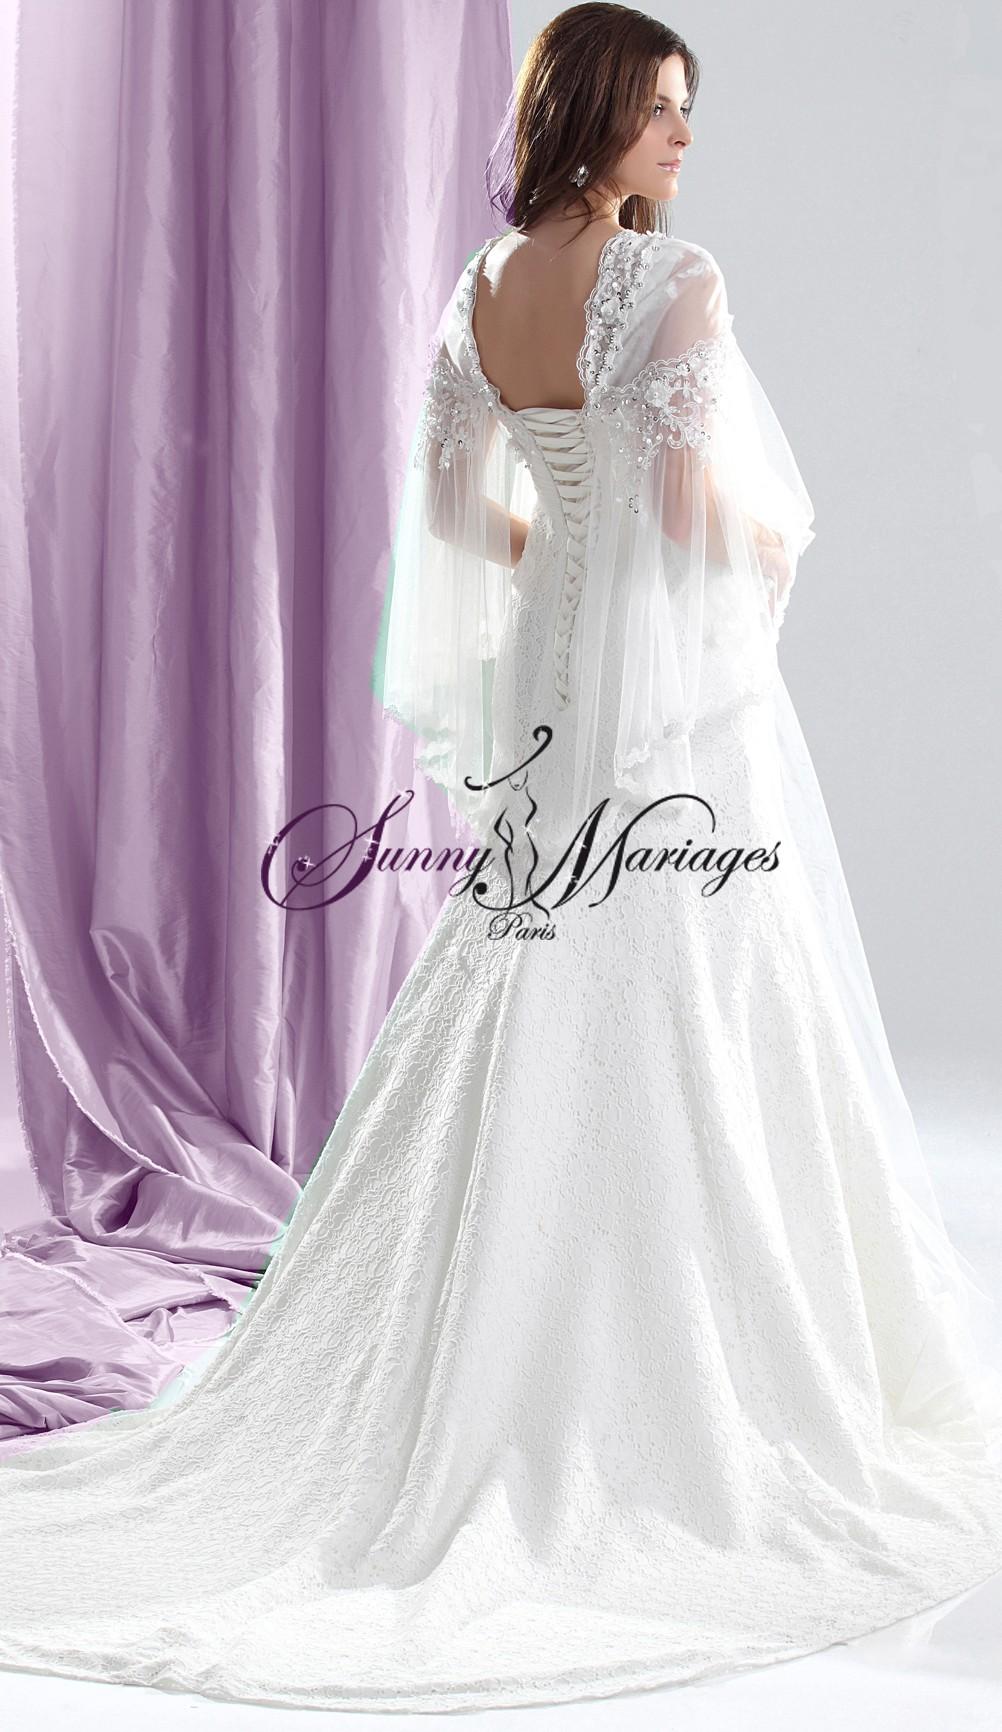 robe de mariee dentelle elfique ou celtique avec cape s par e sunny mariage. Black Bedroom Furniture Sets. Home Design Ideas